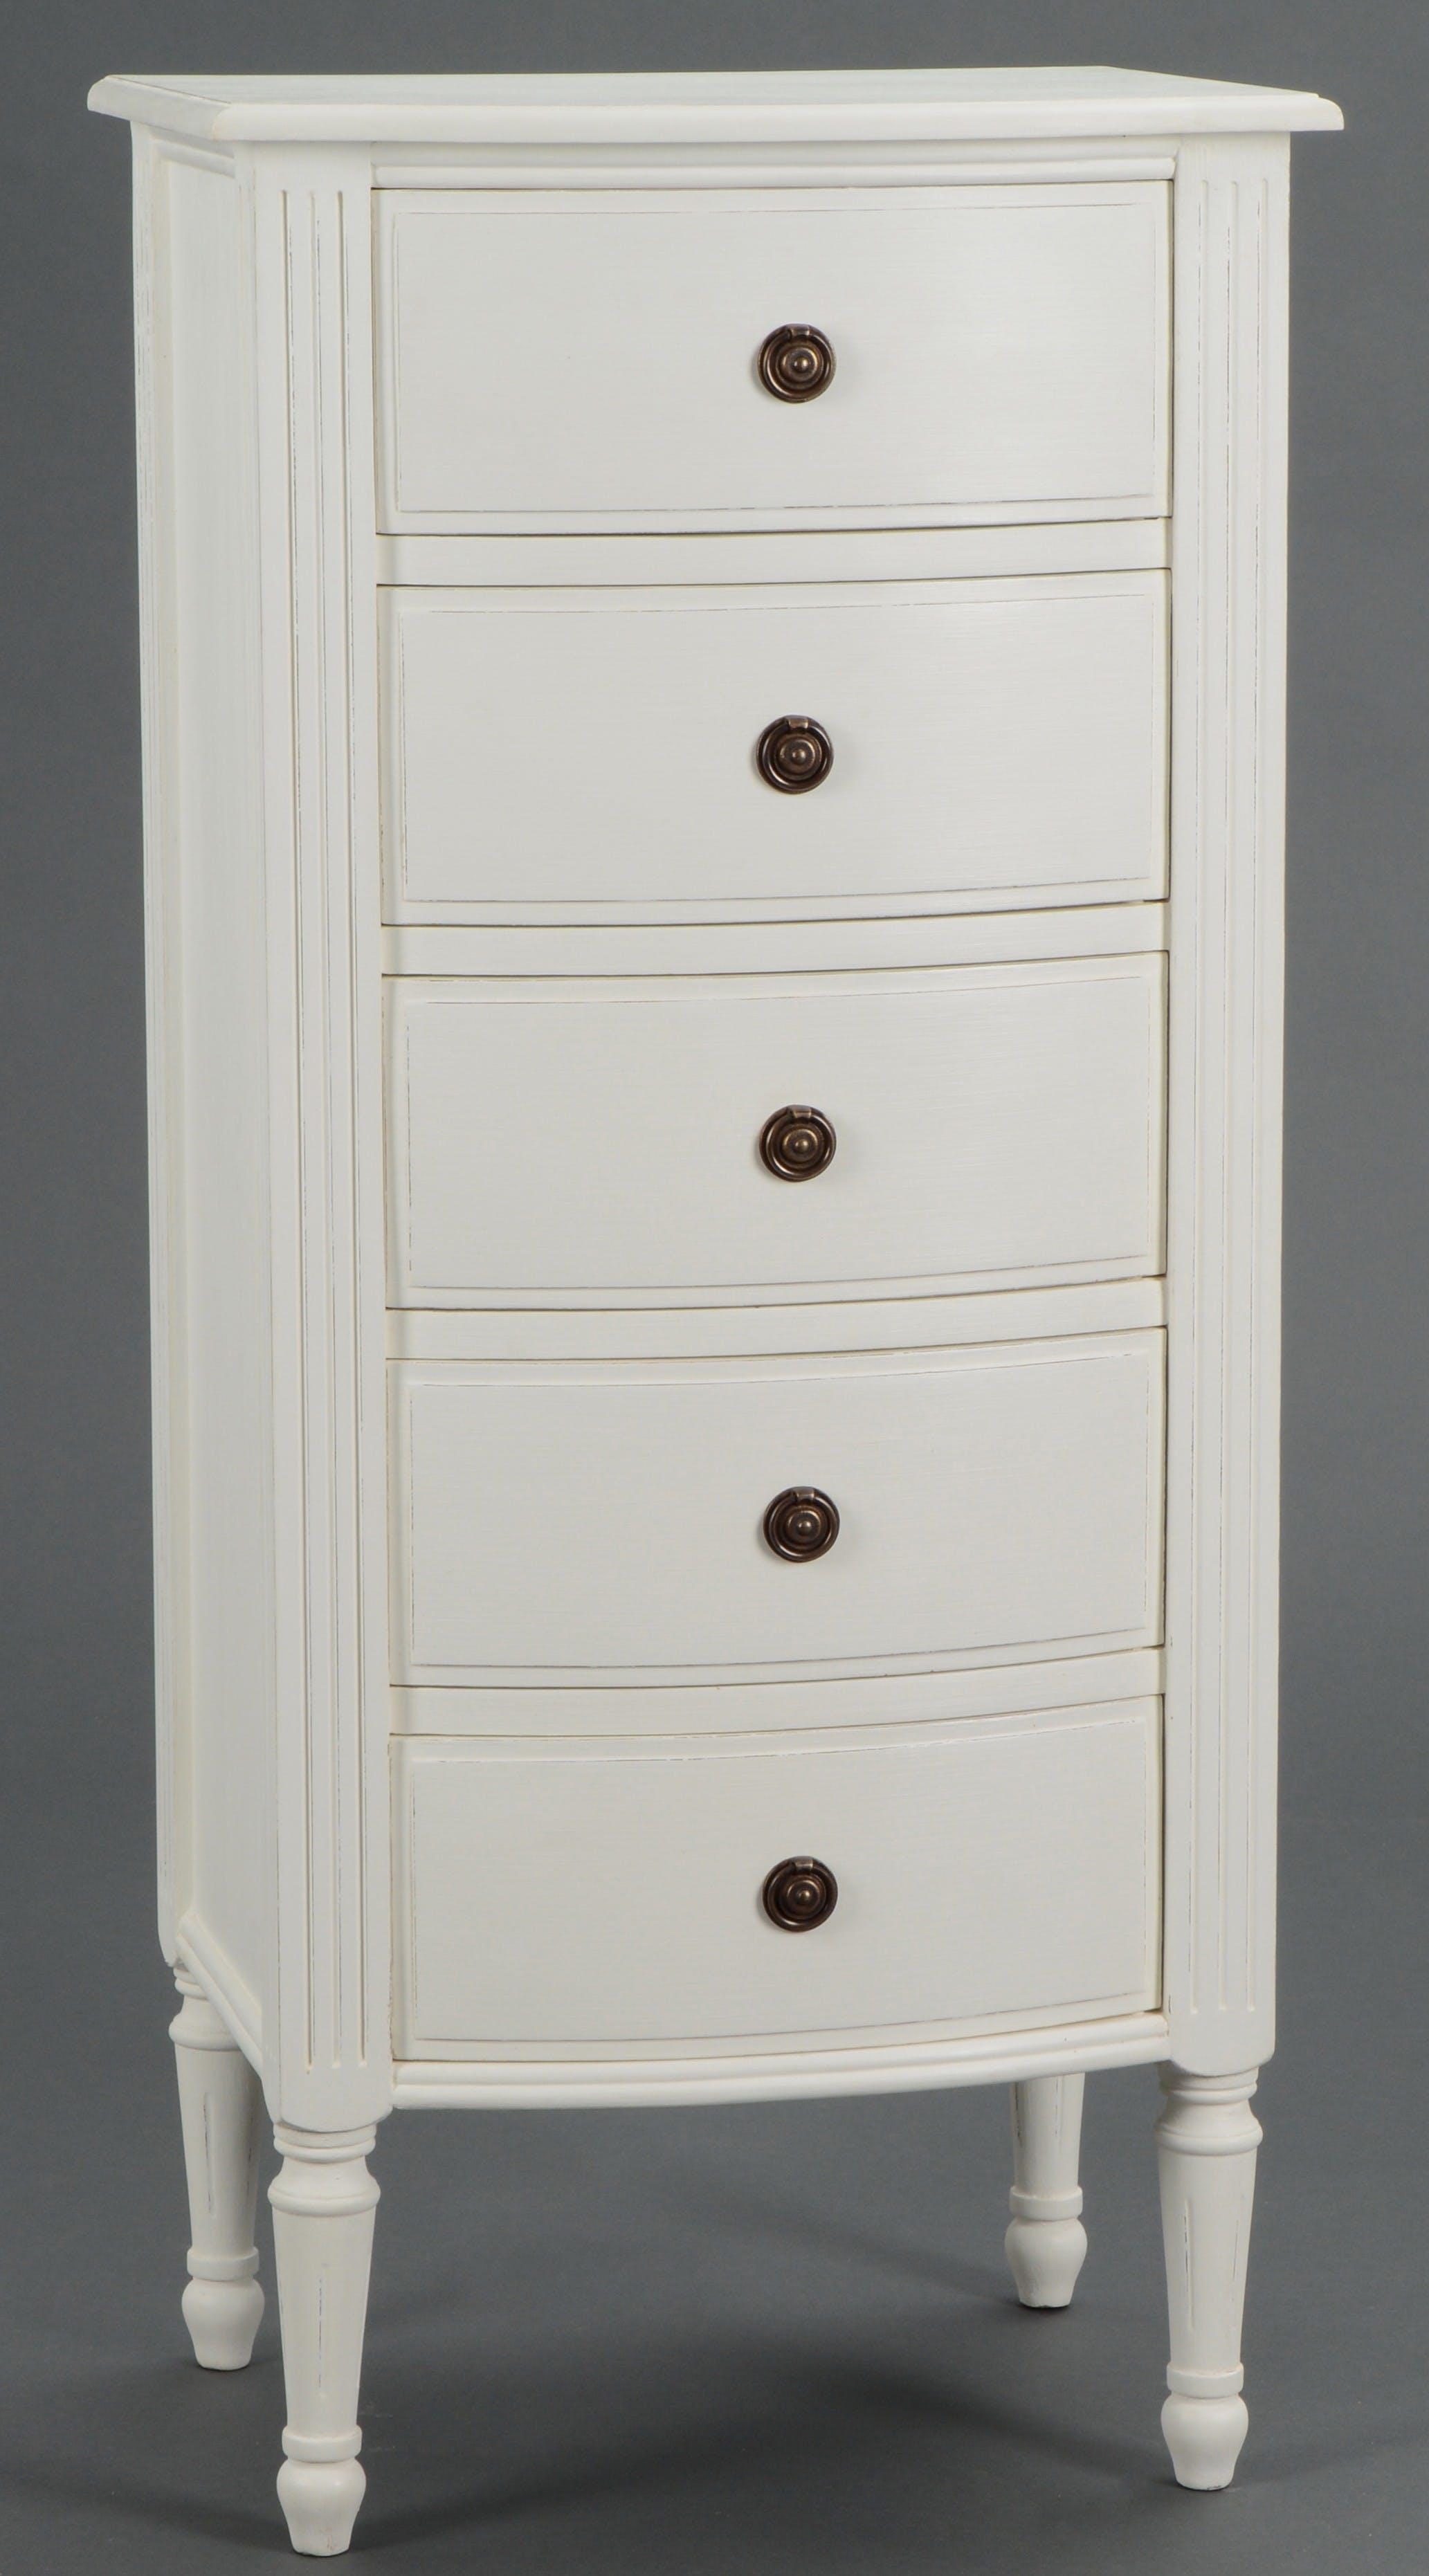 Chiffonnier Classique Chic  5 tiroirs AGATHE L 50 X P 40 X H 110 Blanc Antique AMADEUS